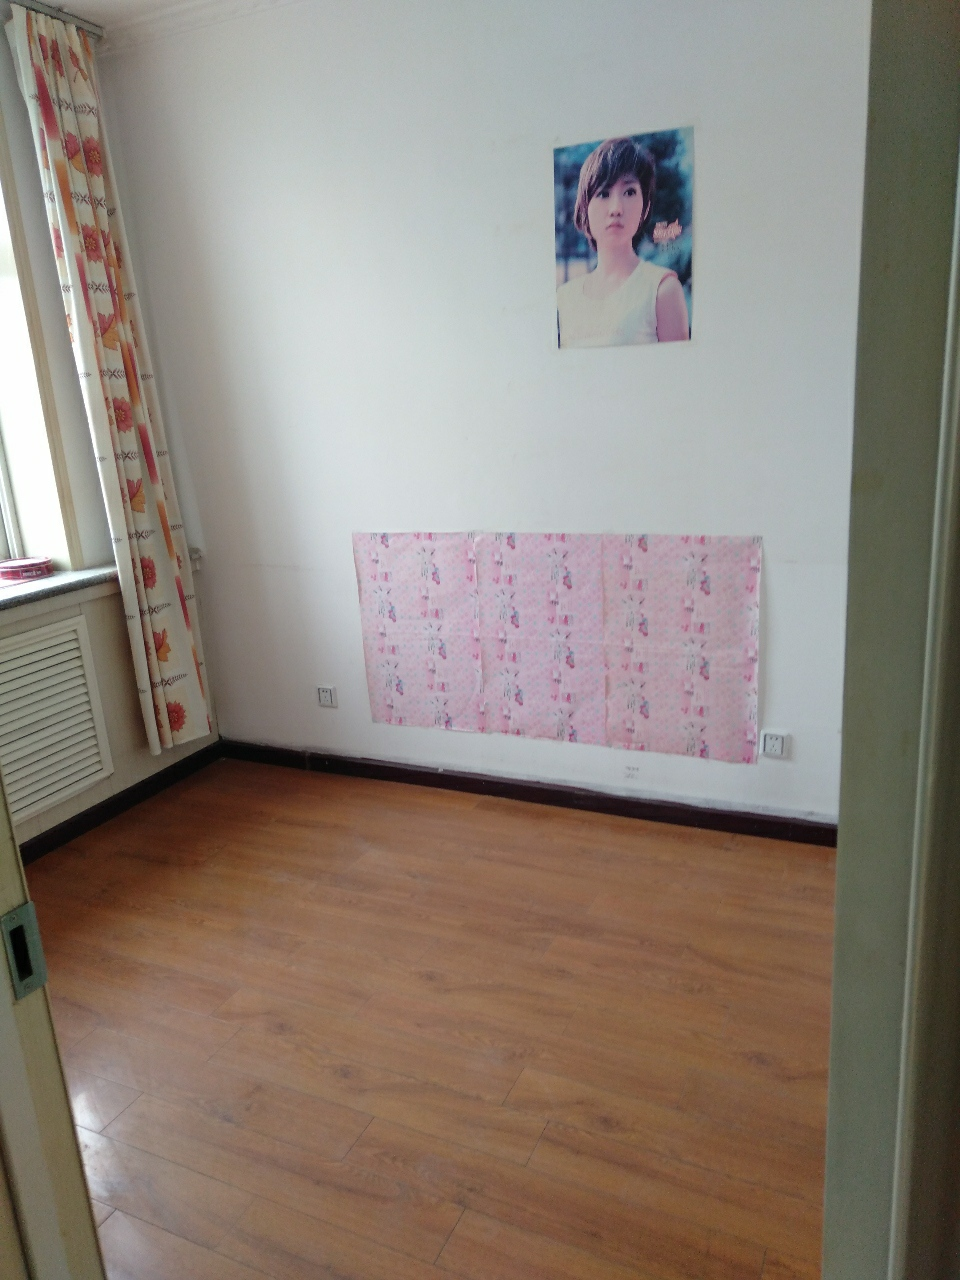 枫林园2室 1厅 1卫21万元